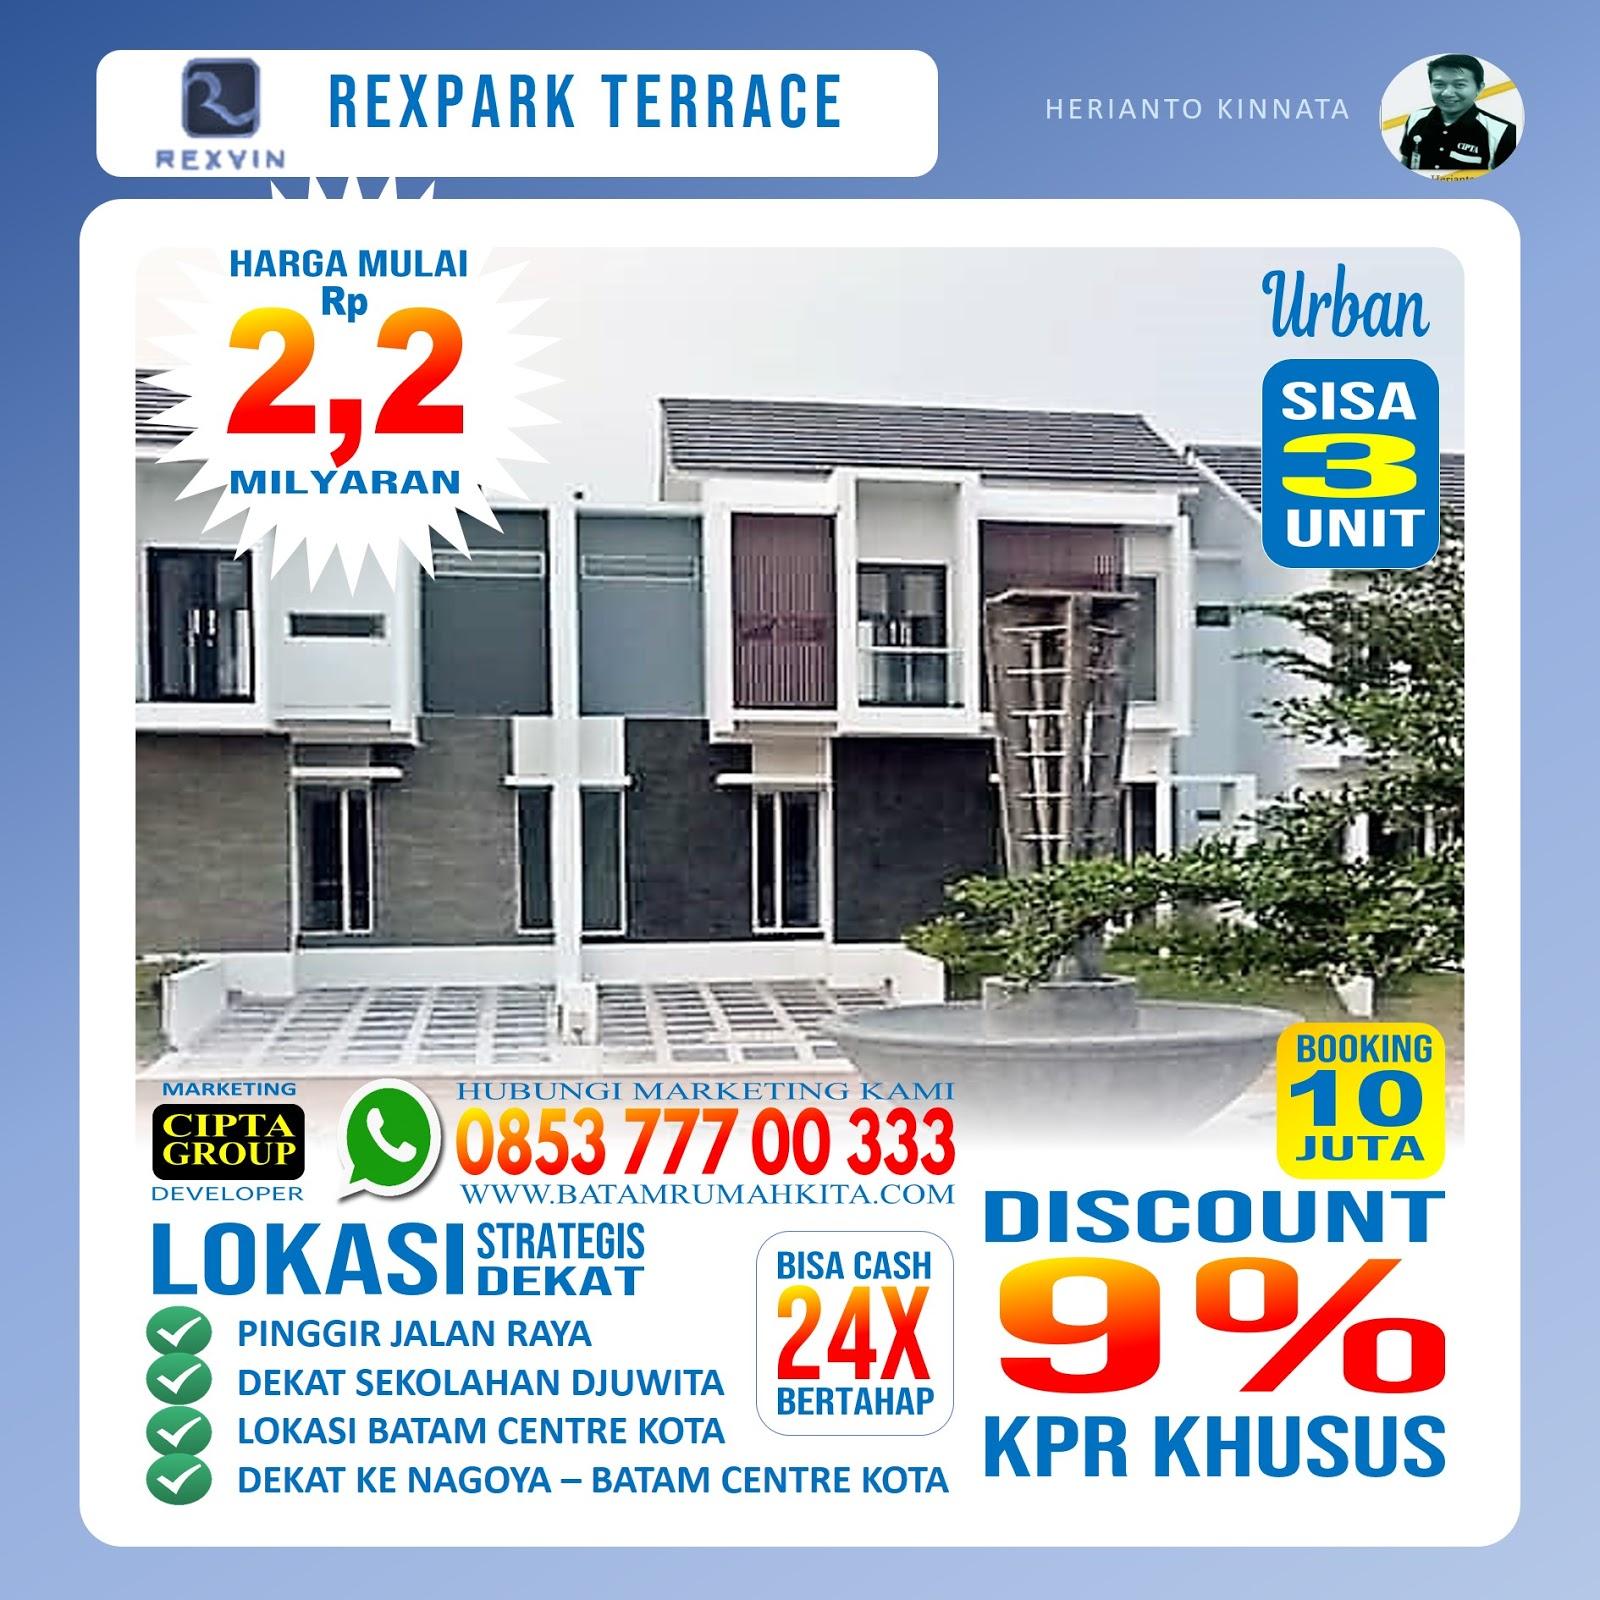 Perumahan Rexpark Terrace - Type urban -2